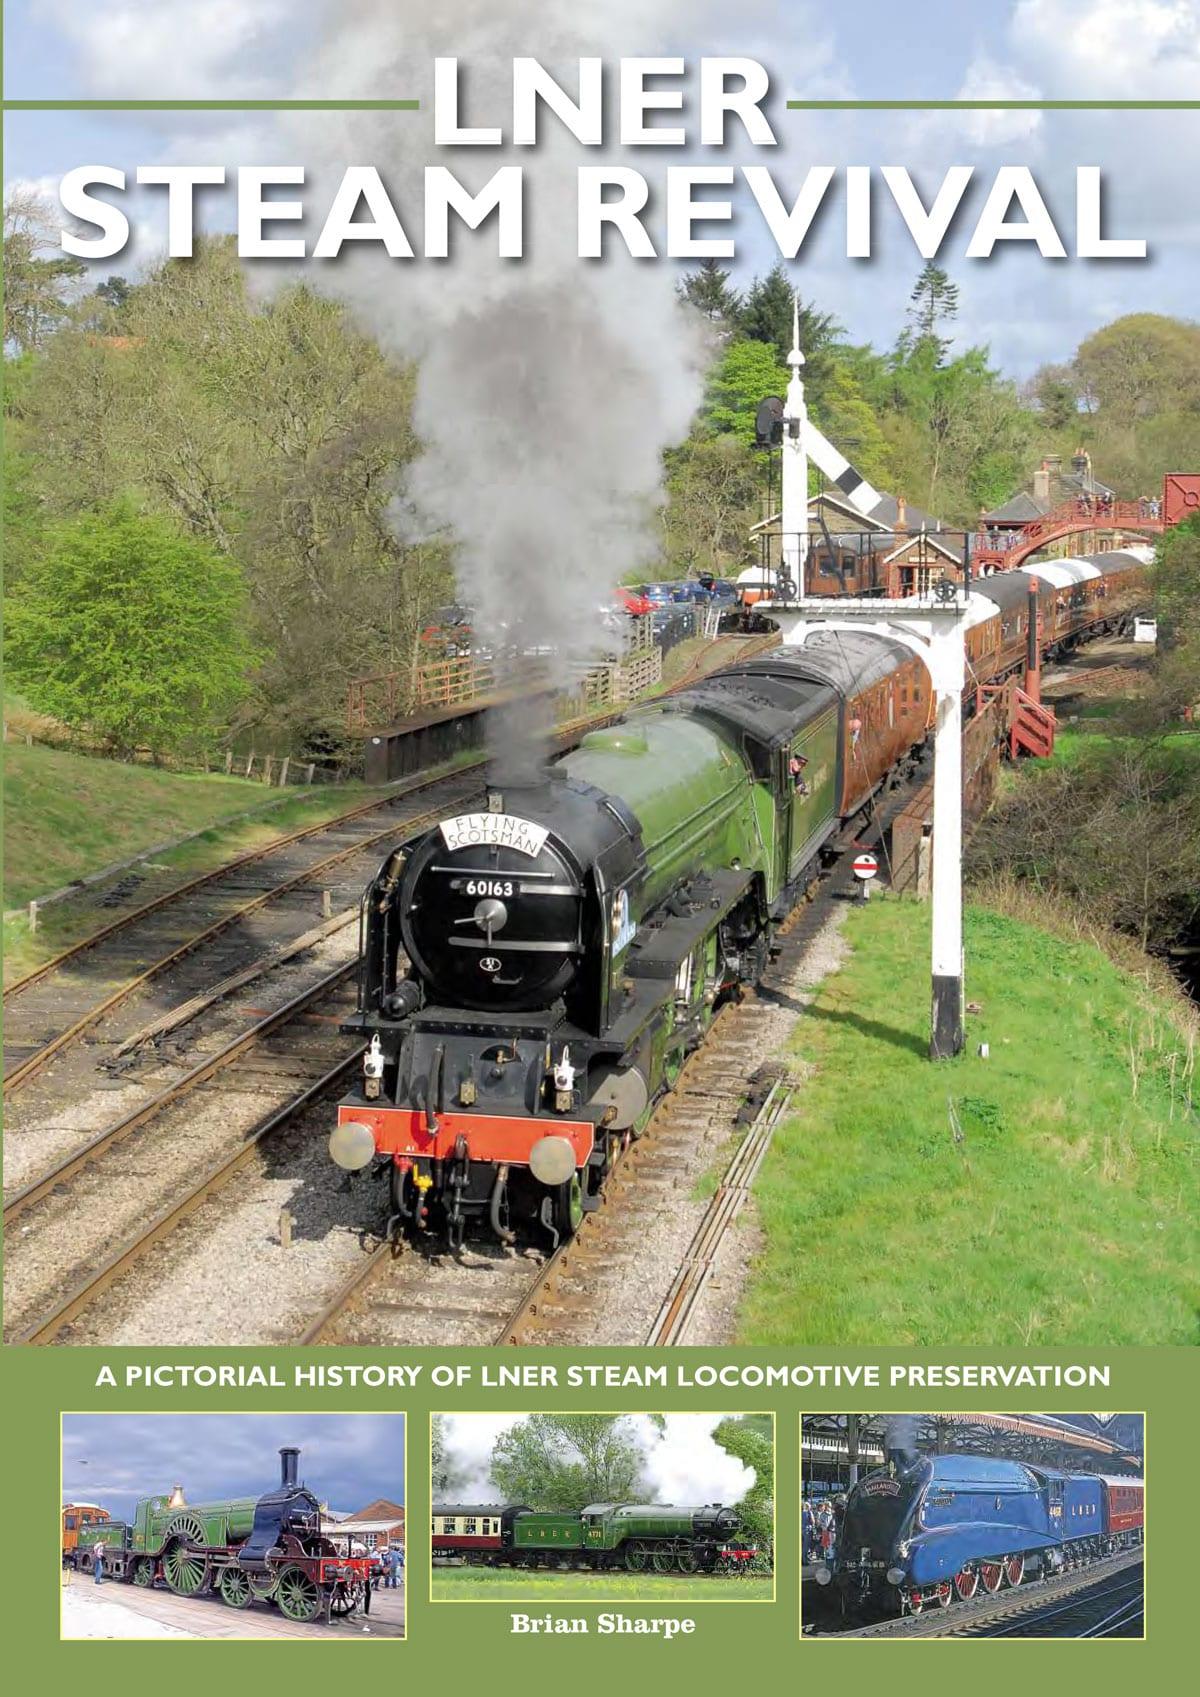 LNER Steam Revival